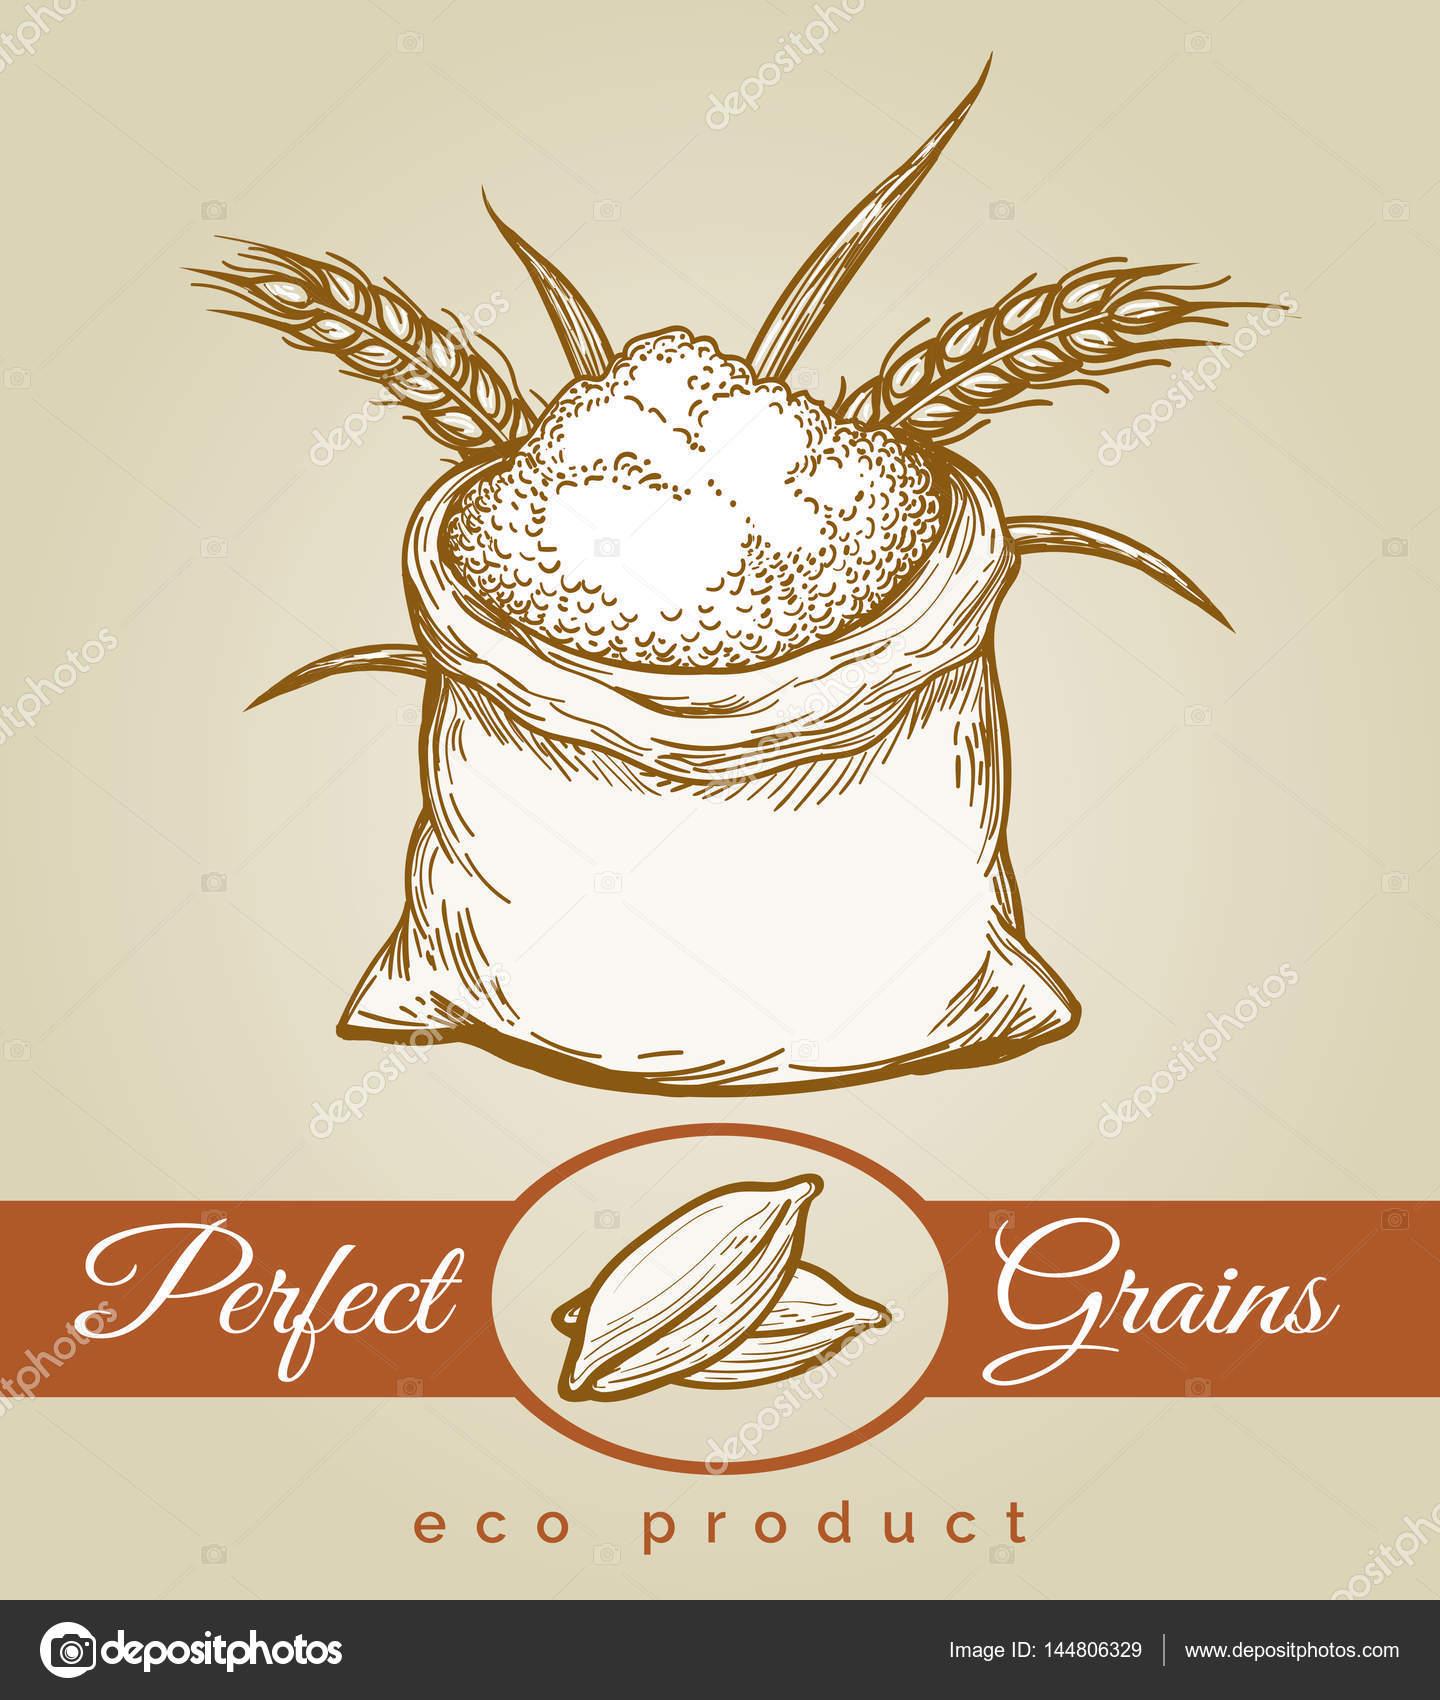 Eco κόκκων προϊόντος σκίτσο εικόνα — Διανυσματικό Αρχείο ... 9192774ab6c